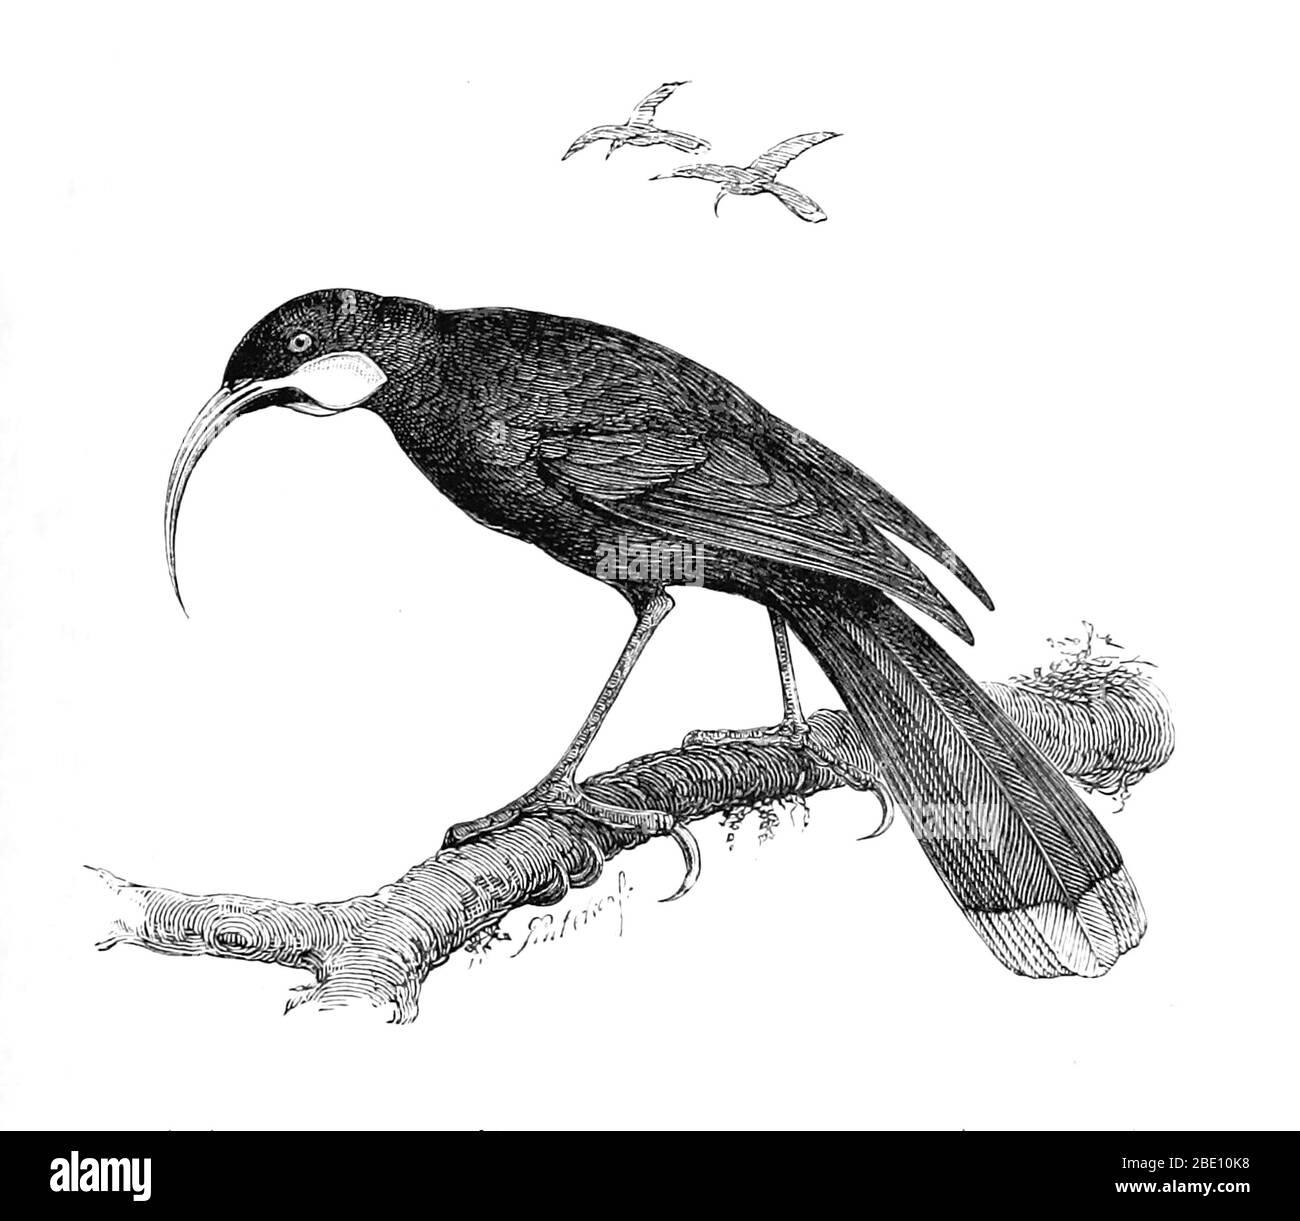 La huia (Heteralocha acutirostris) fue la especie más grande de ave de la especie wattlebird de Nueva Zelanda, endémica de la Isla Norte de Nueva Zelanda. Su extinción a principios del siglo XX tuvo dos causas principales. La primera fue la caza excesiva rampante para obtener pieles de huia para especímenes montados, que eran objeto de una demanda mundial de museos y ricos coleccionistas privados. Huia también fueron cazados para obtener sus plumas de cola largas y llamativas para decoraciones de sombreros de moda en el lugar. La segunda causa importante de extinción fue la deforestación generalizada de las tierras bajas de la Isla del Norte por parte de colonos europeos para crear pastur Foto de stock